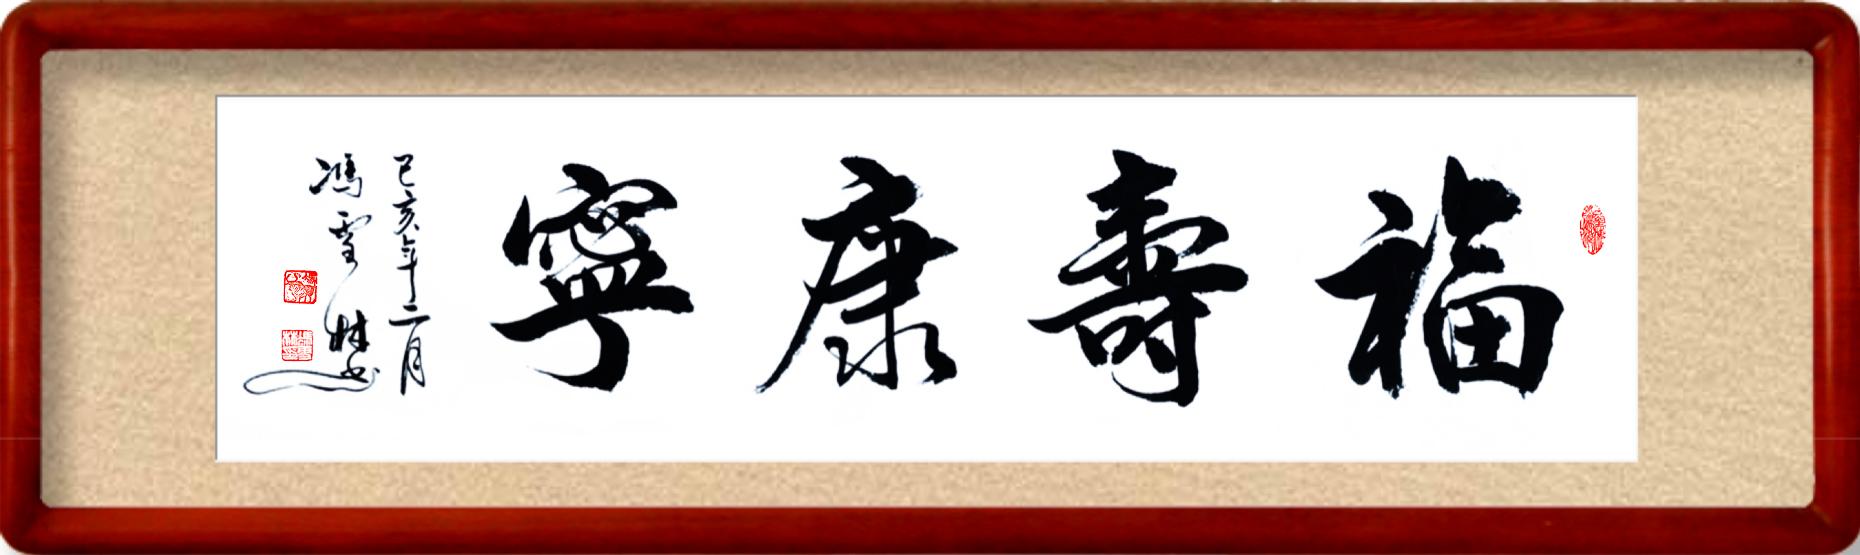 福寿康宁书法作品欣赏